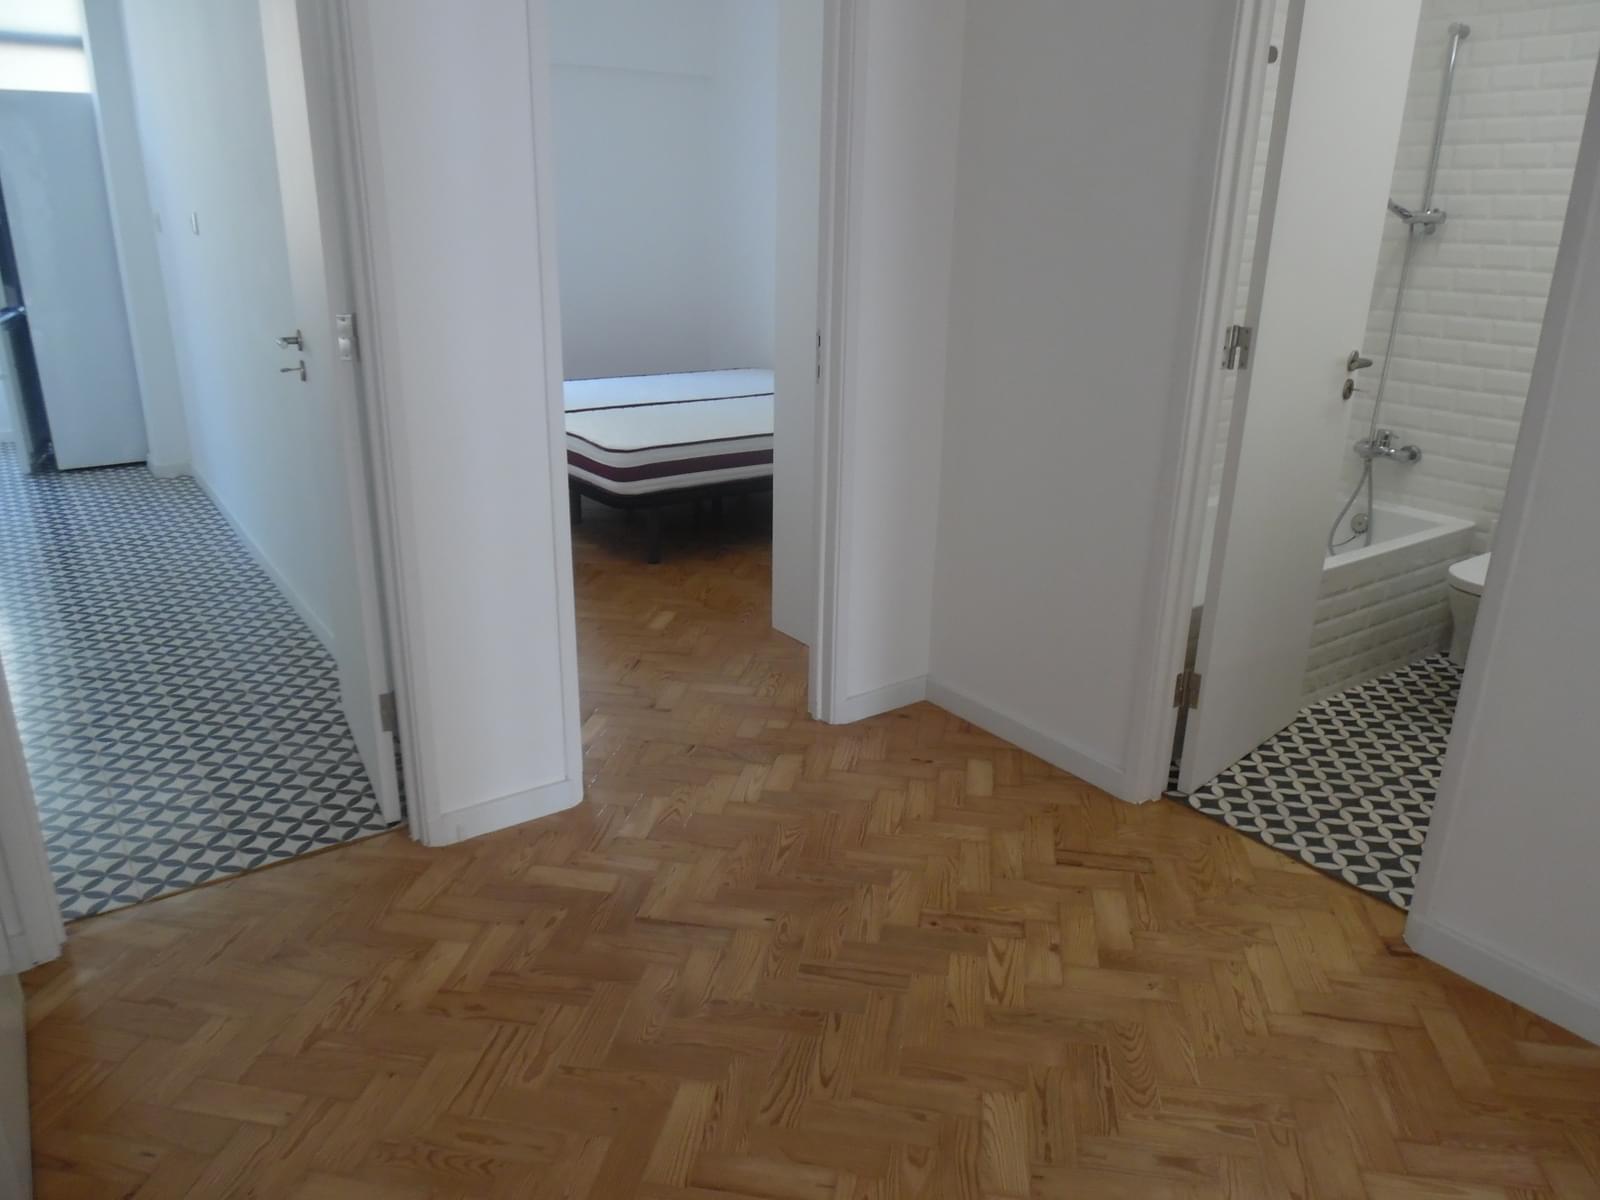 pf17256-apartamento-t2-lisboa-beb6d532-7f3c-420e-97c3-cf1dcc0abecf